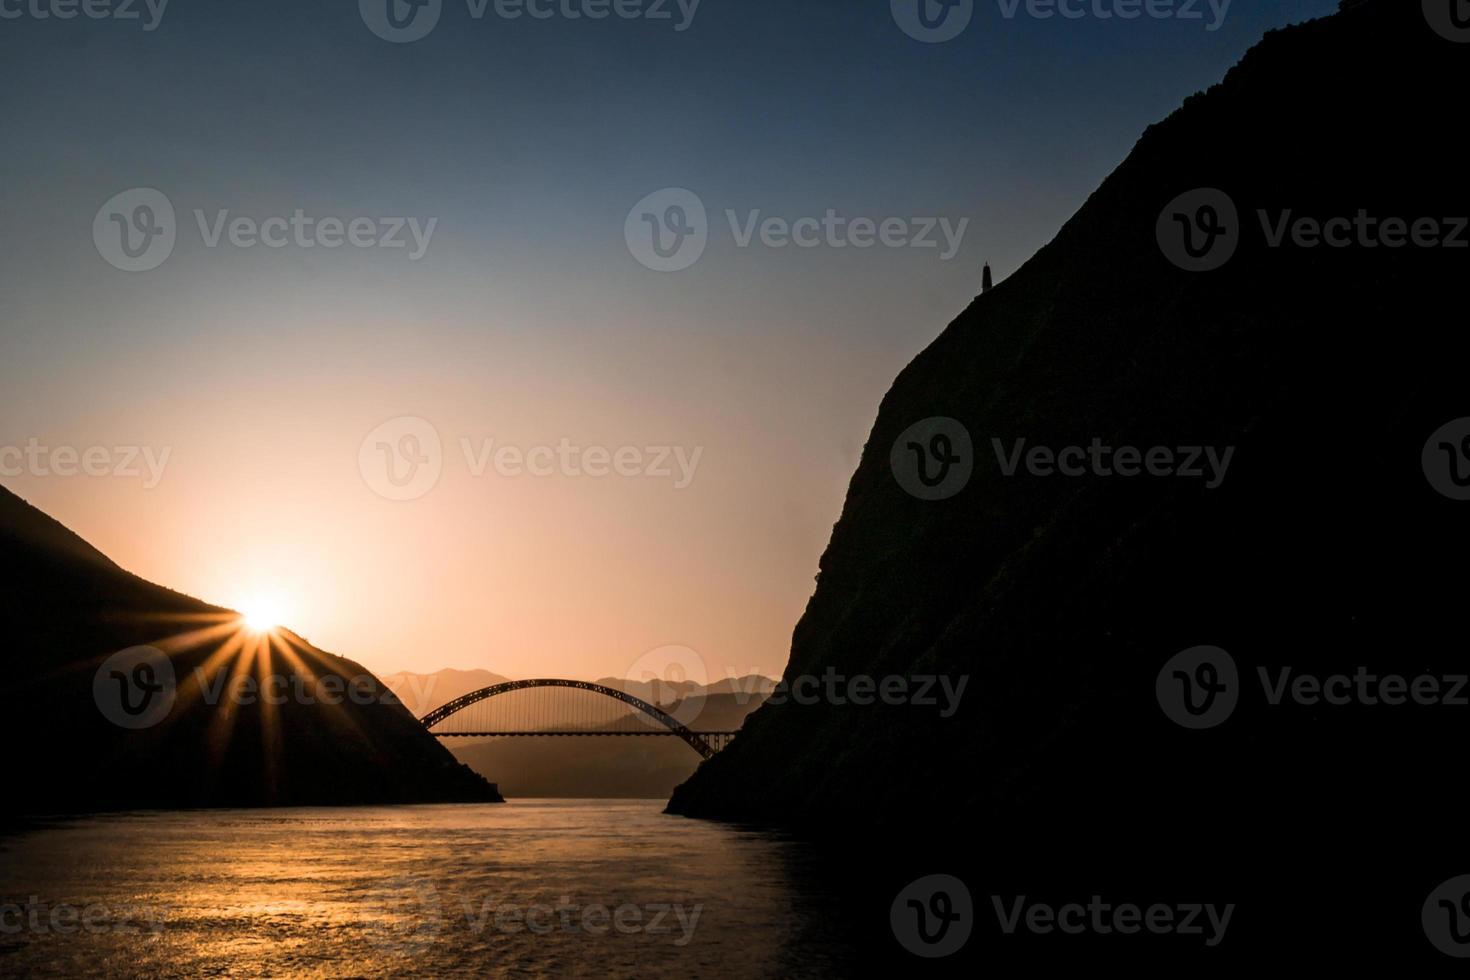 Sunset on Yangzi river photo